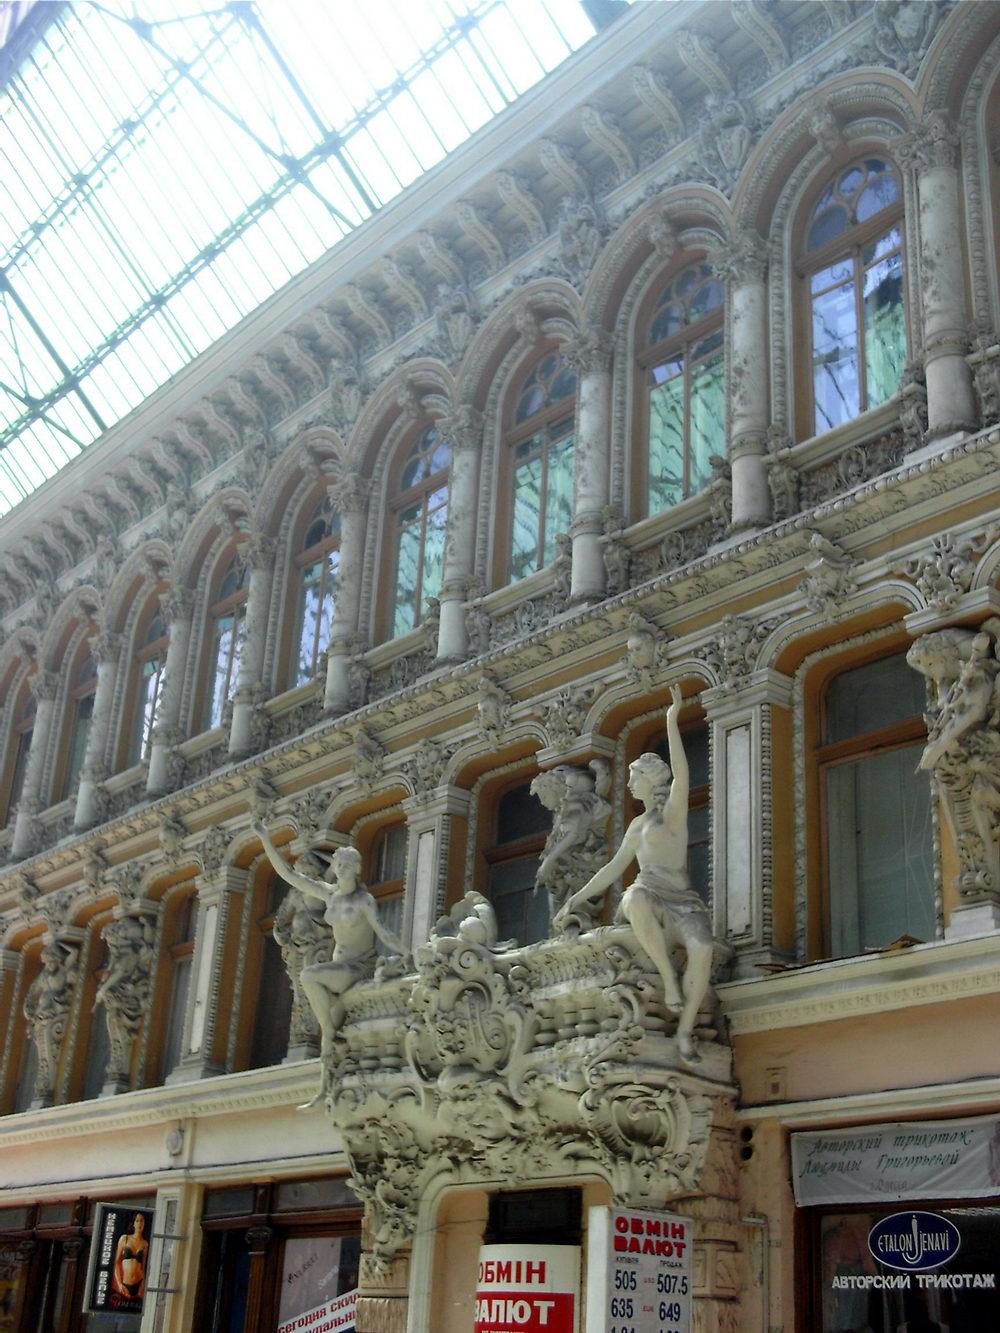 """Tržni centar """"Passaž"""" u Odesi: ovde su """"stanovala"""" Faberžeova jaja, u vreme kada su carevi vladali mnogim zemljama, a robne kuće su izgledale kao palate..."""